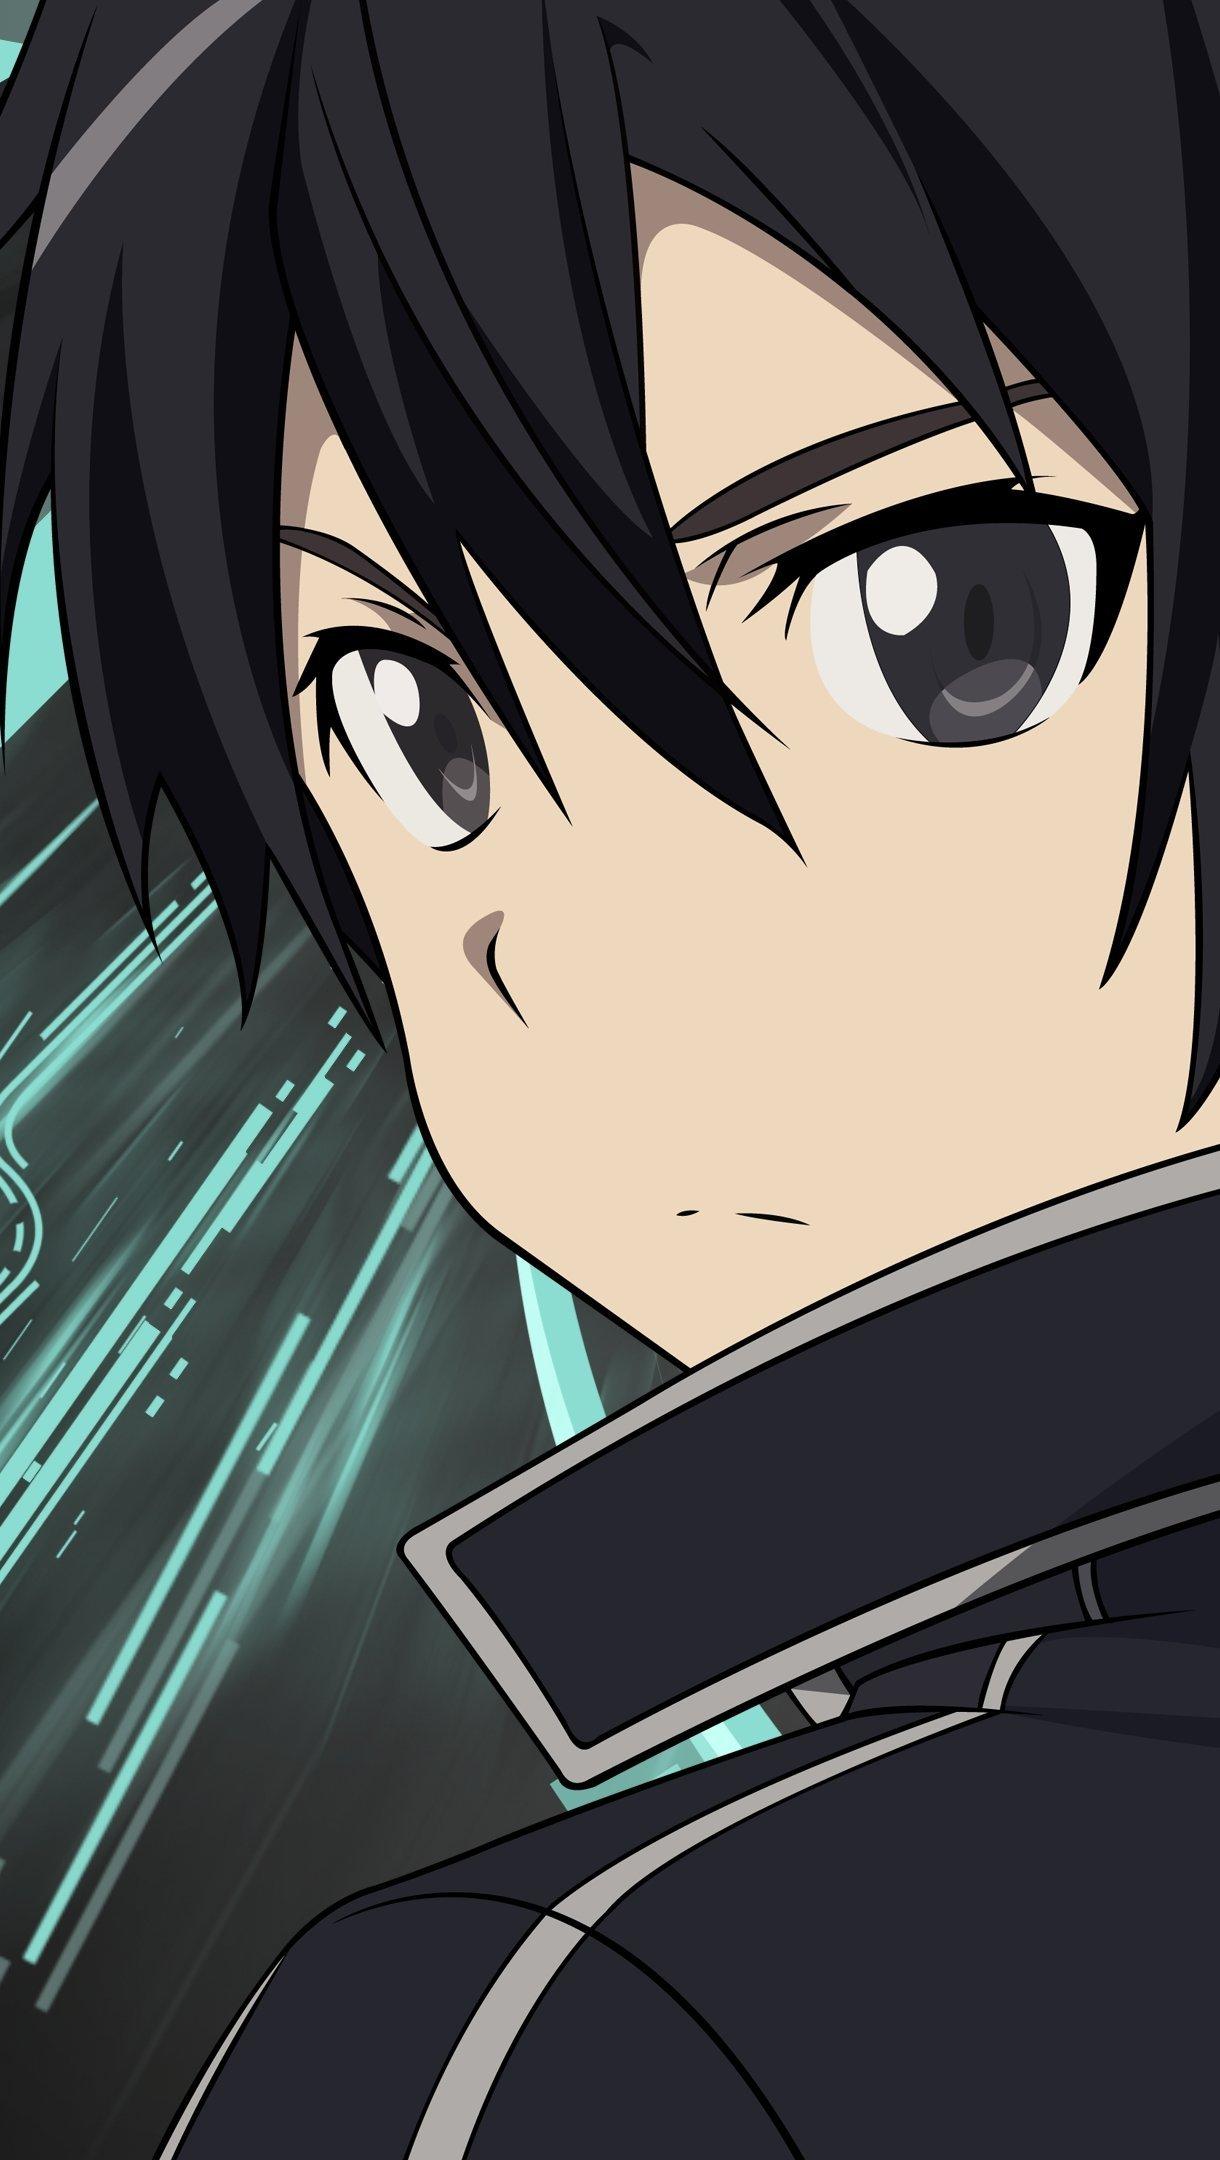 Fondos de pantalla Anime Kirito Sword Art Online Vertical